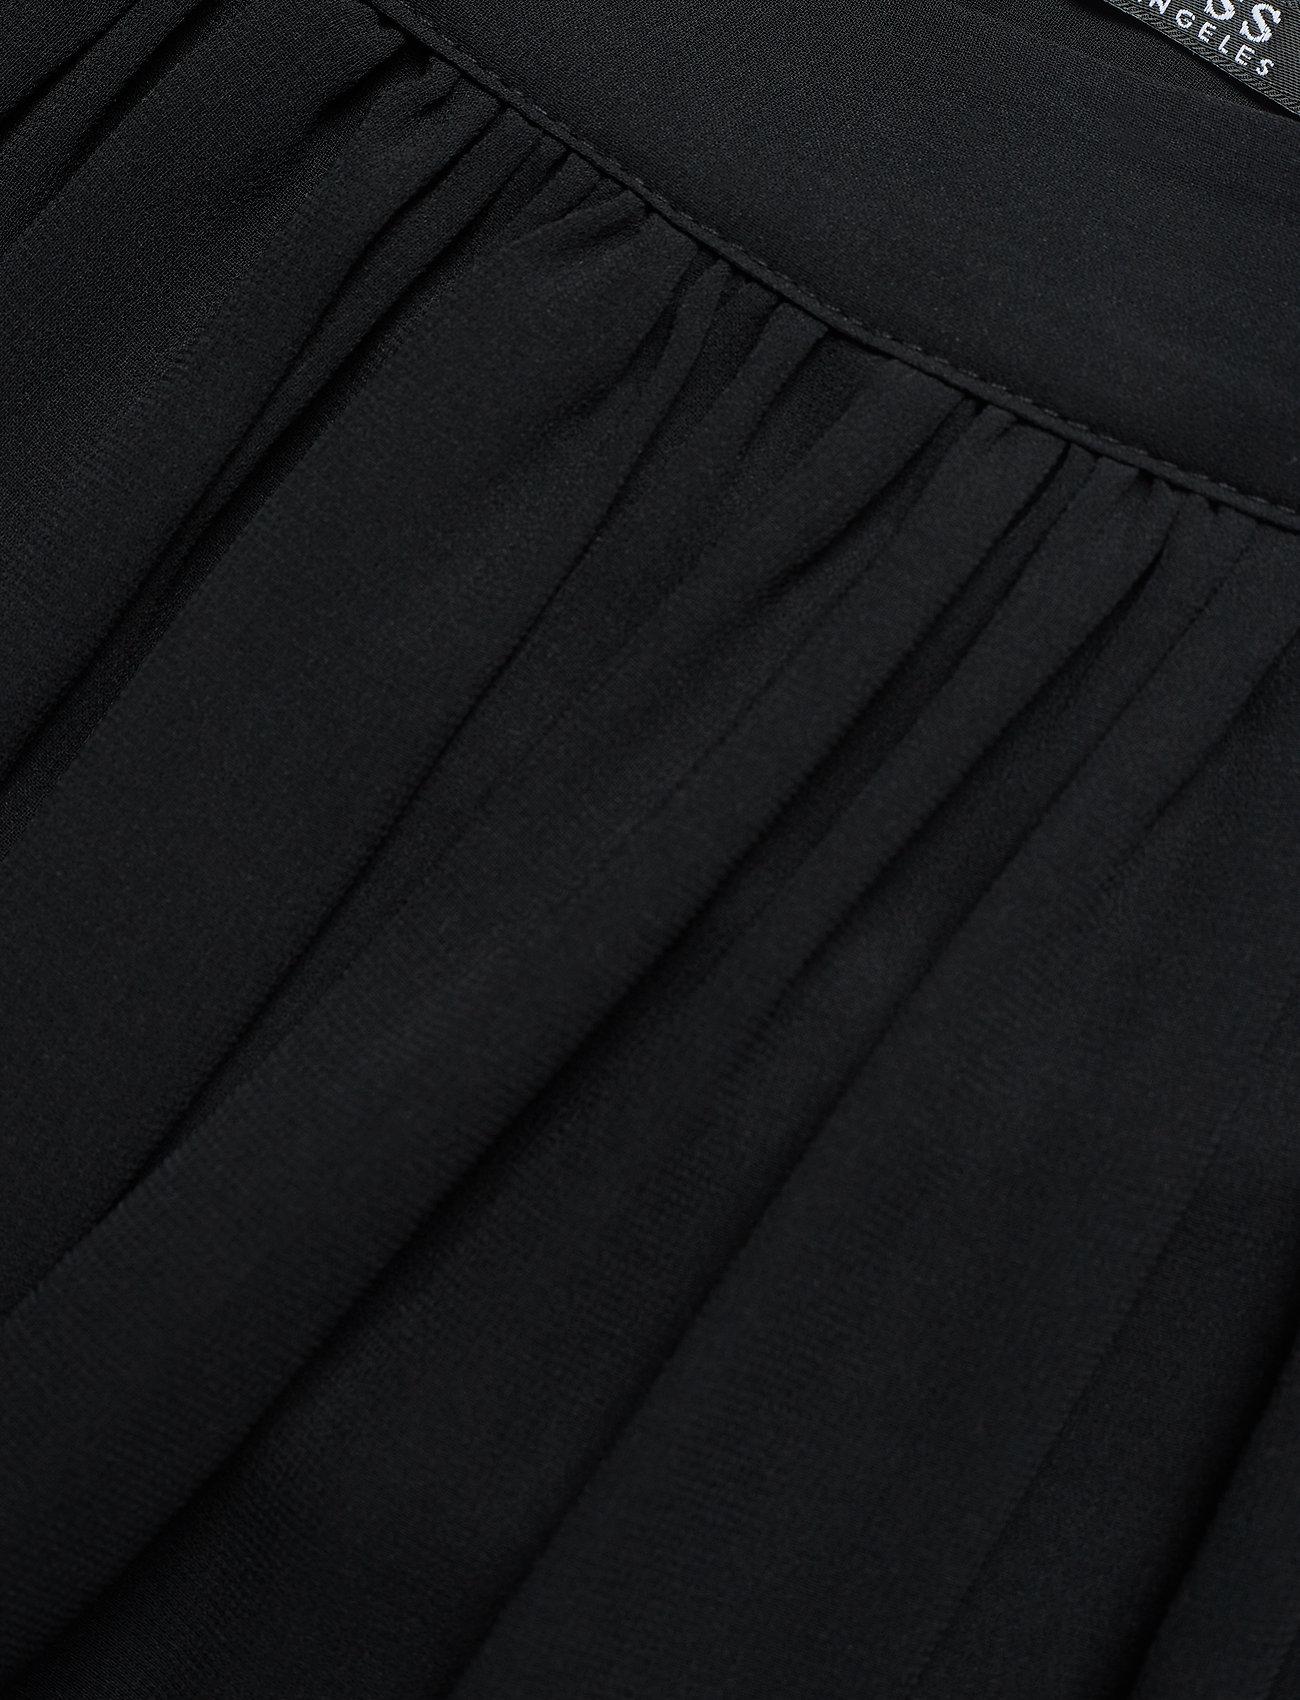 Skirtjet Jeans Alda A996Guess Black FTK3l1Jc